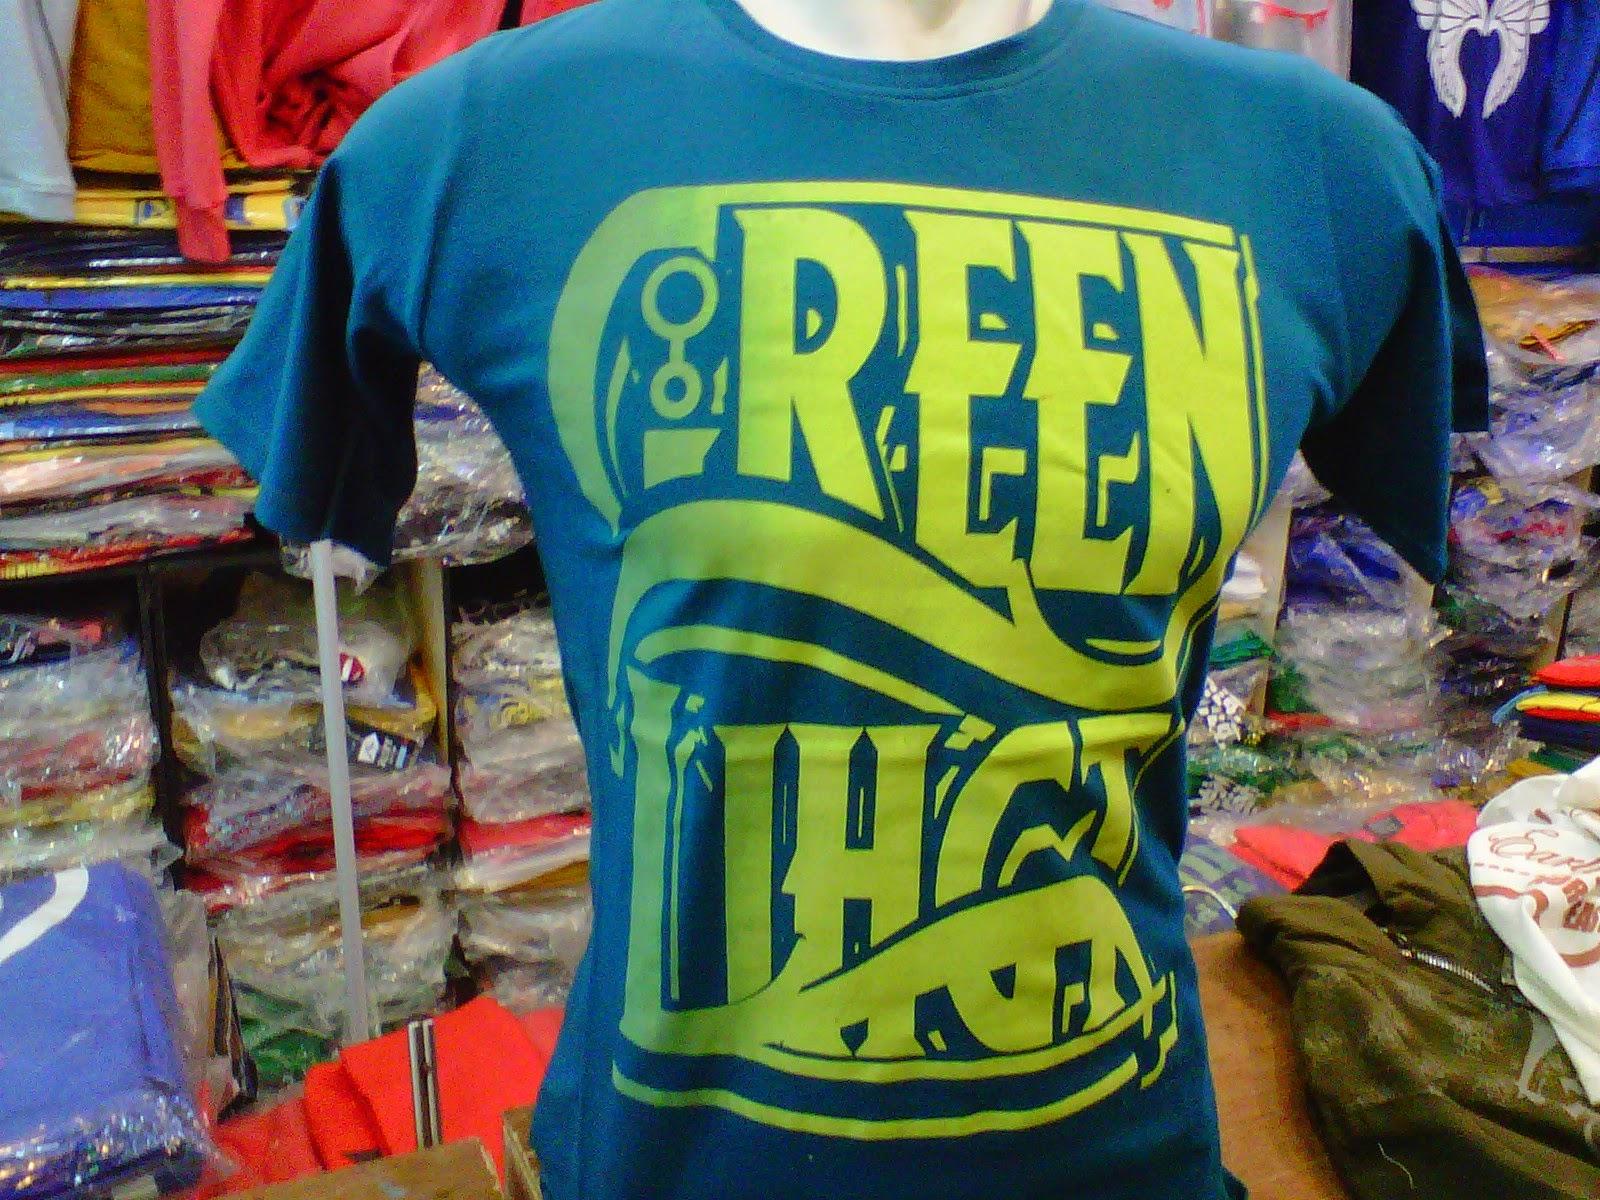 kaos distro, grosir kaos distro, kaos raglan, kaos polo, jual kaos, kaos murah, kaos bandung, kaos distro bandung, kaos distro murah, kaos distro online, reseller kaos distro, distributor kaos distro, kaos distro terbaru, pusat kaos distro,  grosir kaos, kaos Greenlight Bandung, kaos Greenlight online, kaos Greenlight murah, kaos Greenlight terbaru, grosir kaos Greenlight, kaos Greenlight oiginal,